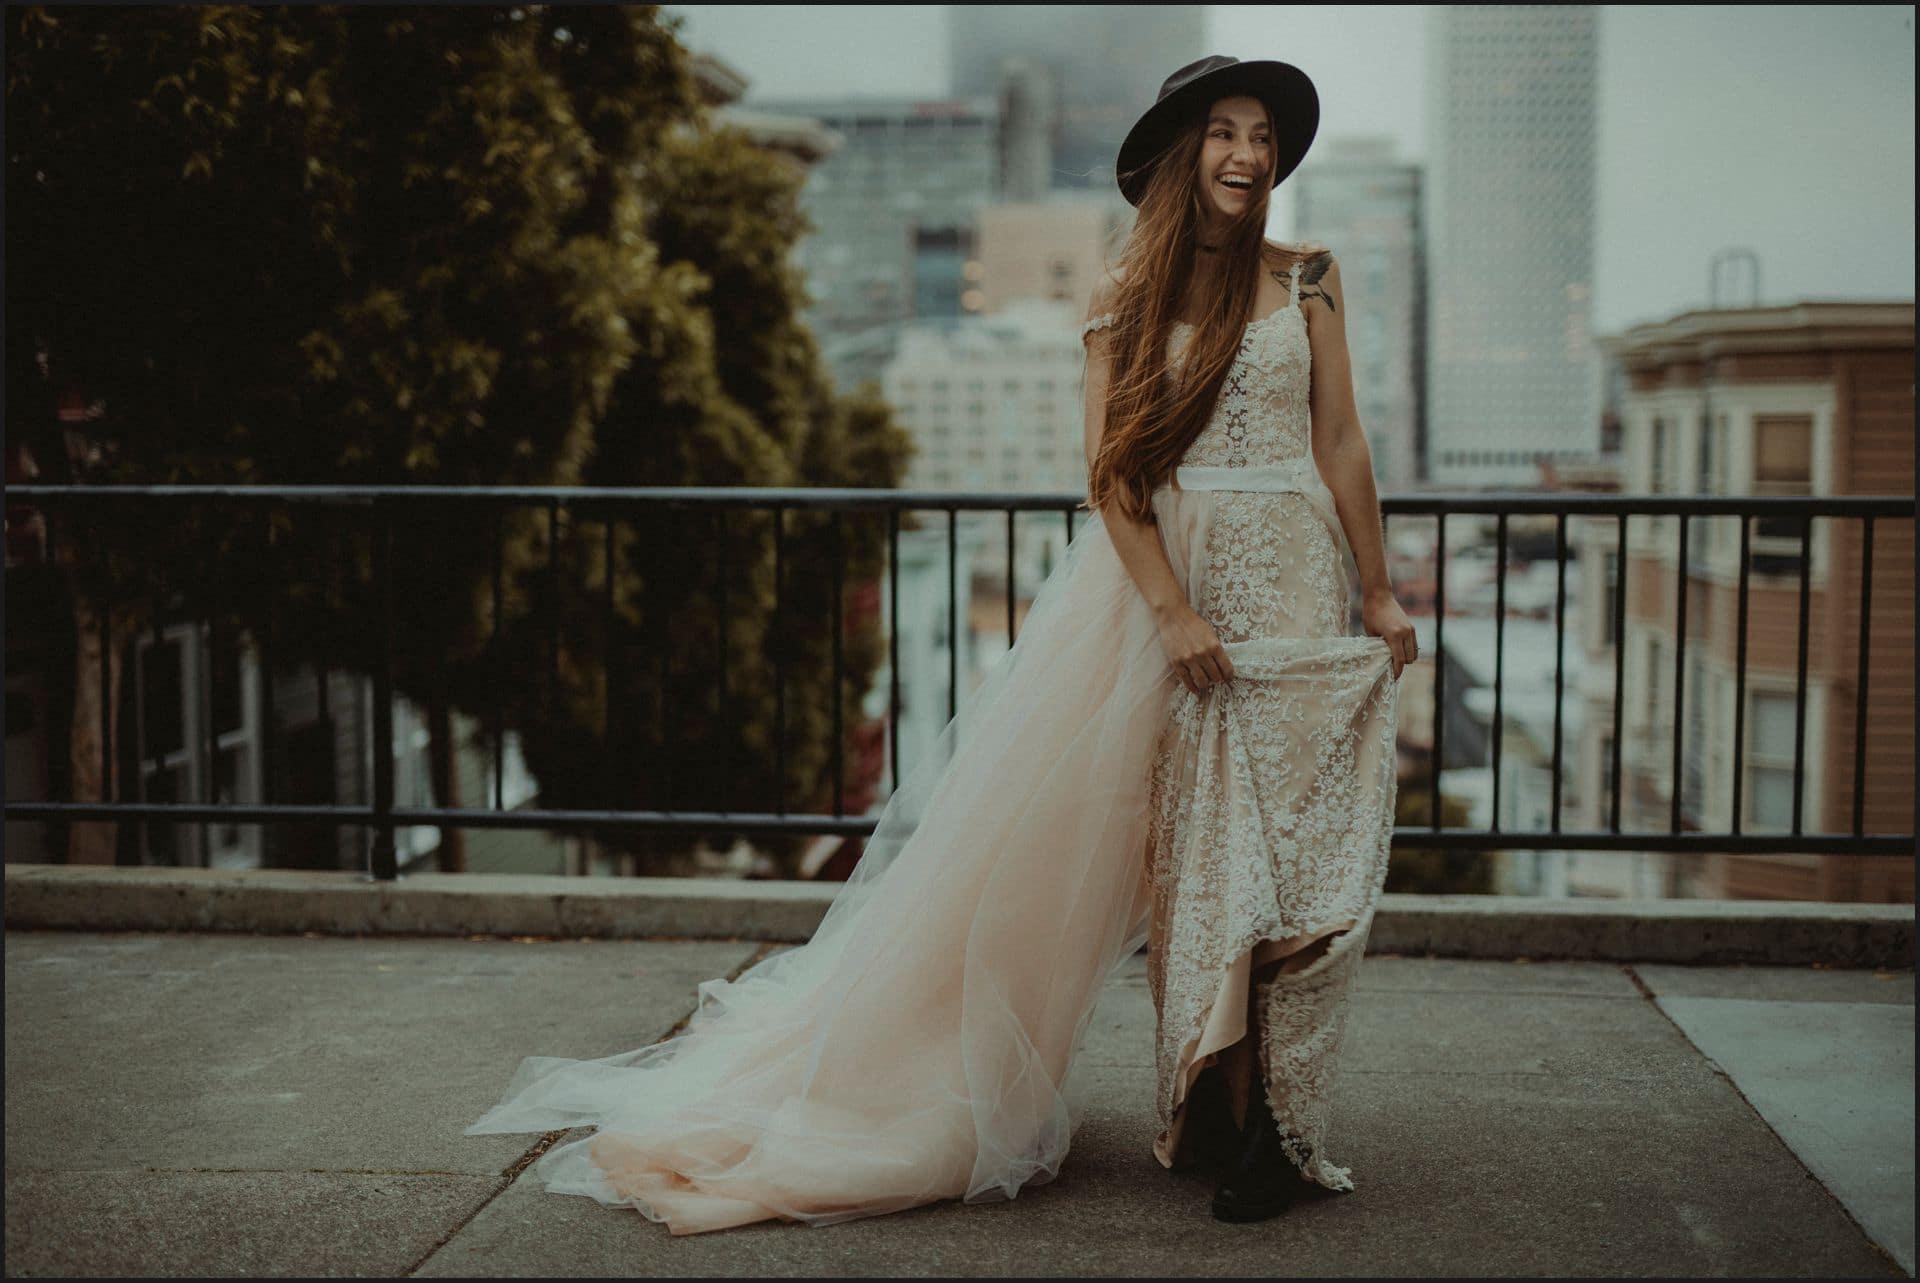 san francisco, california, elopement wedding, bride, happy